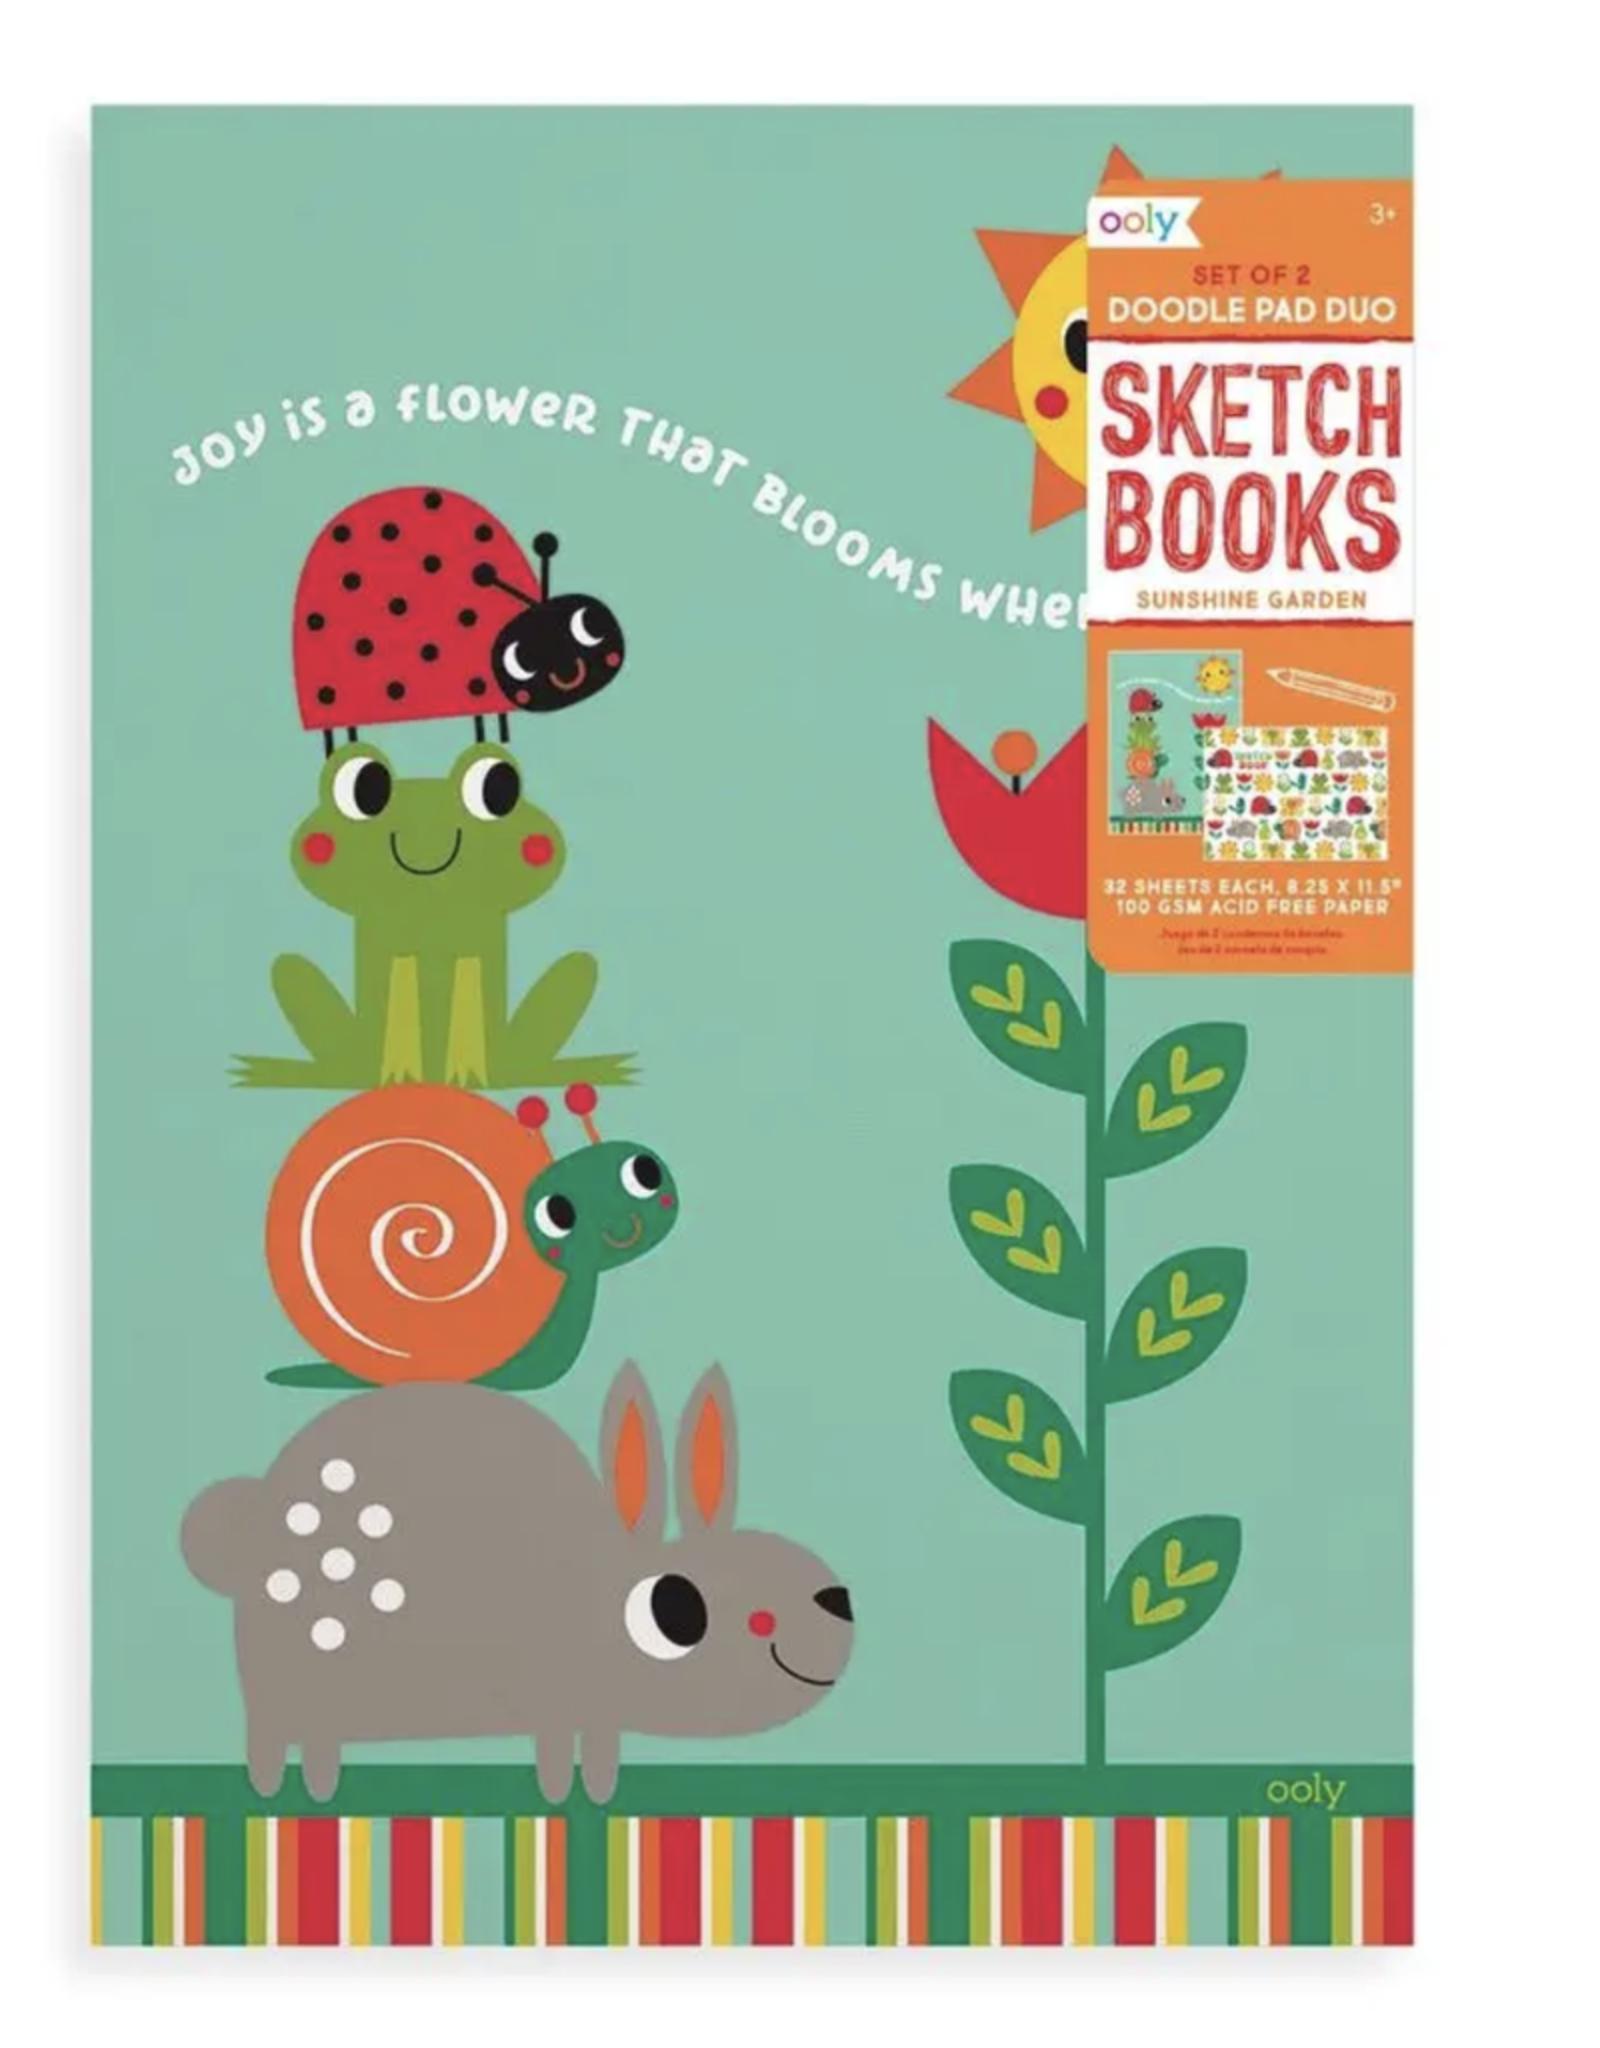 Doodle Pad Duo Sketchbooks: Sunshine Garden